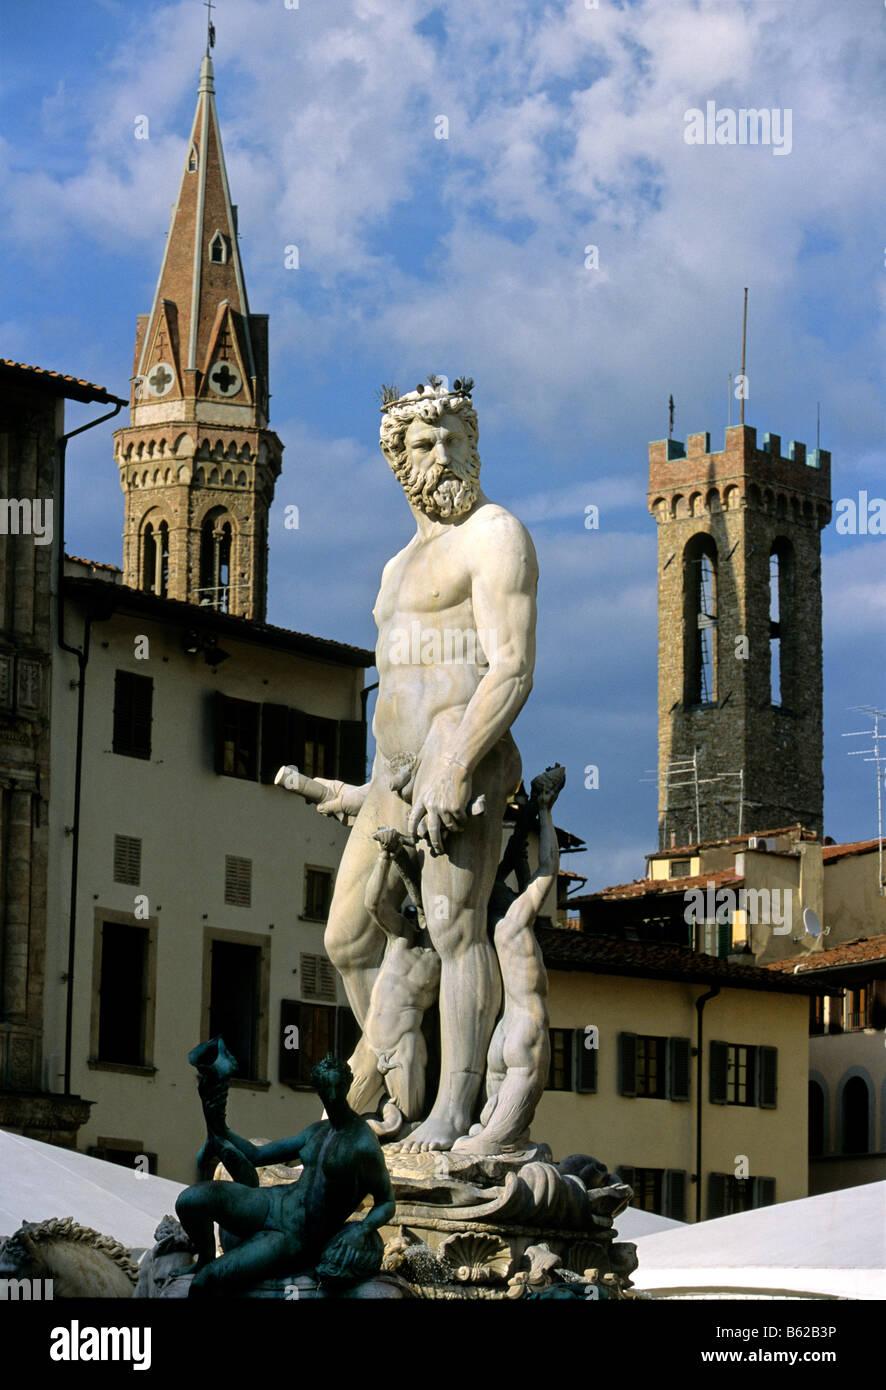 Badia Fiorentina, Statue of Neptune, Il Biancone, Bargello, Florence, Firenze, Tuscany, Italy, Europe Stock Photo